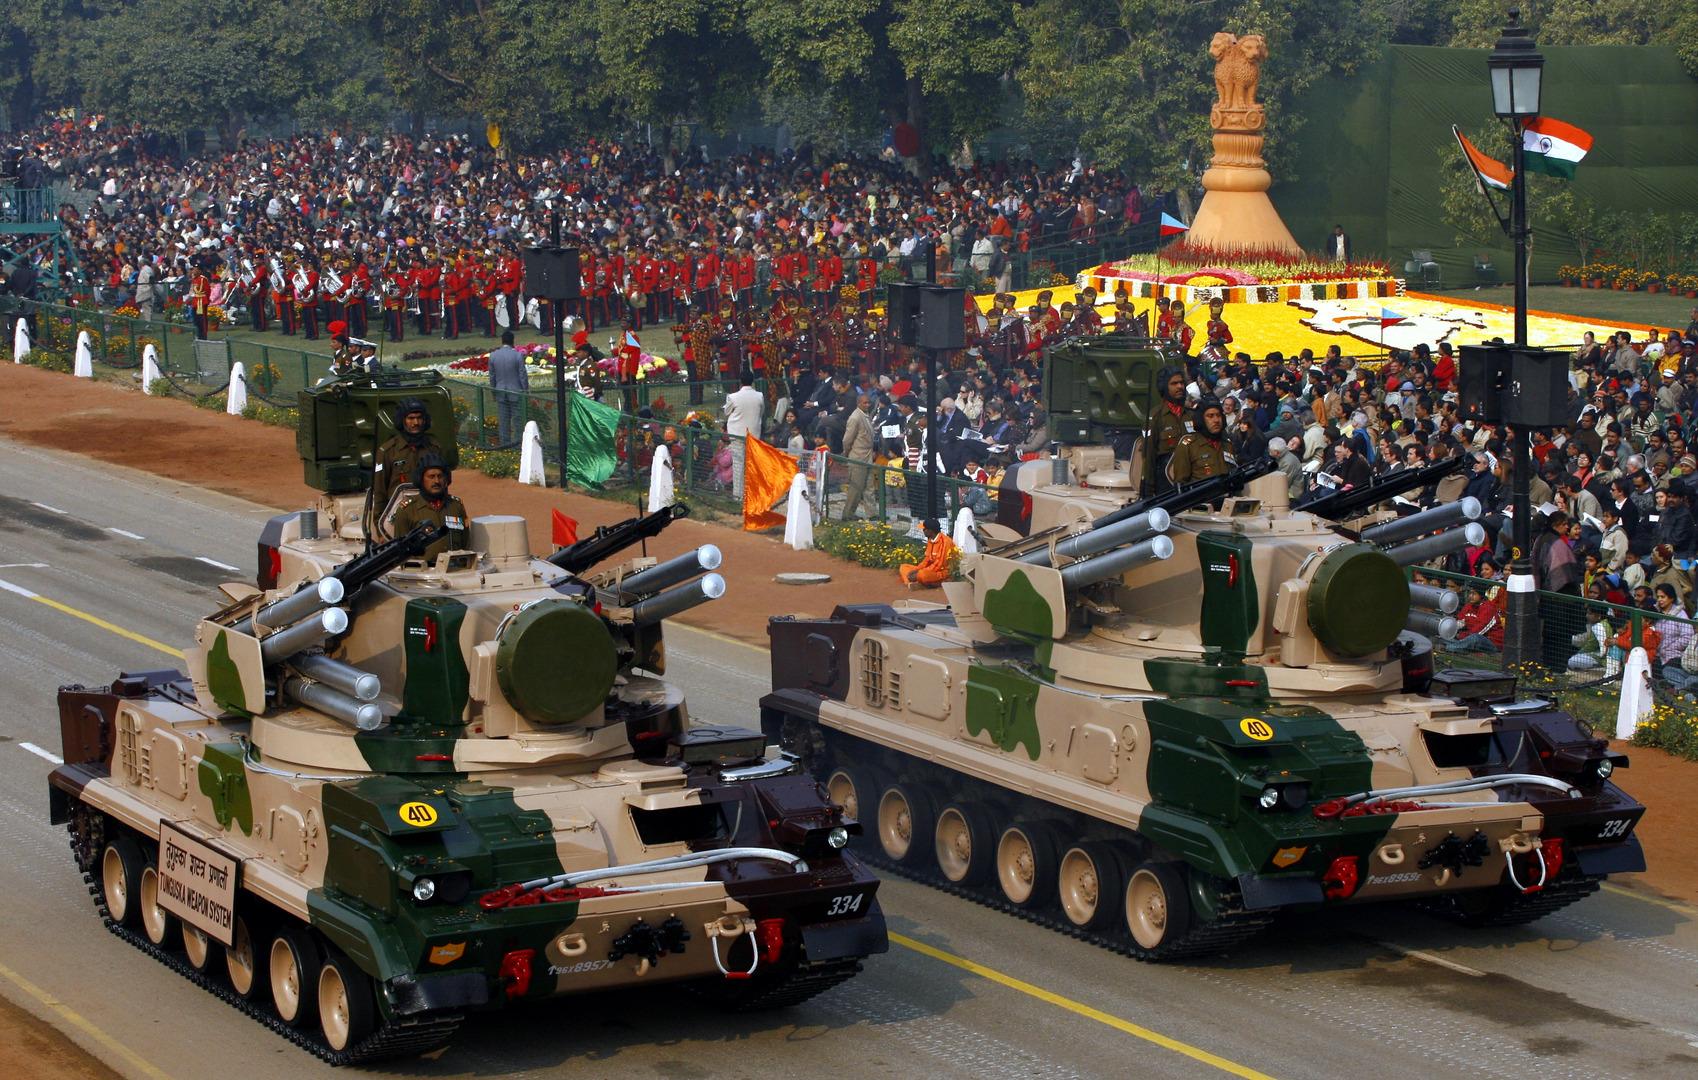 الهند تحظر استيراد أكثر من 100 نوع من العتاد العسكري سعيا للاكتفاء الذاتي